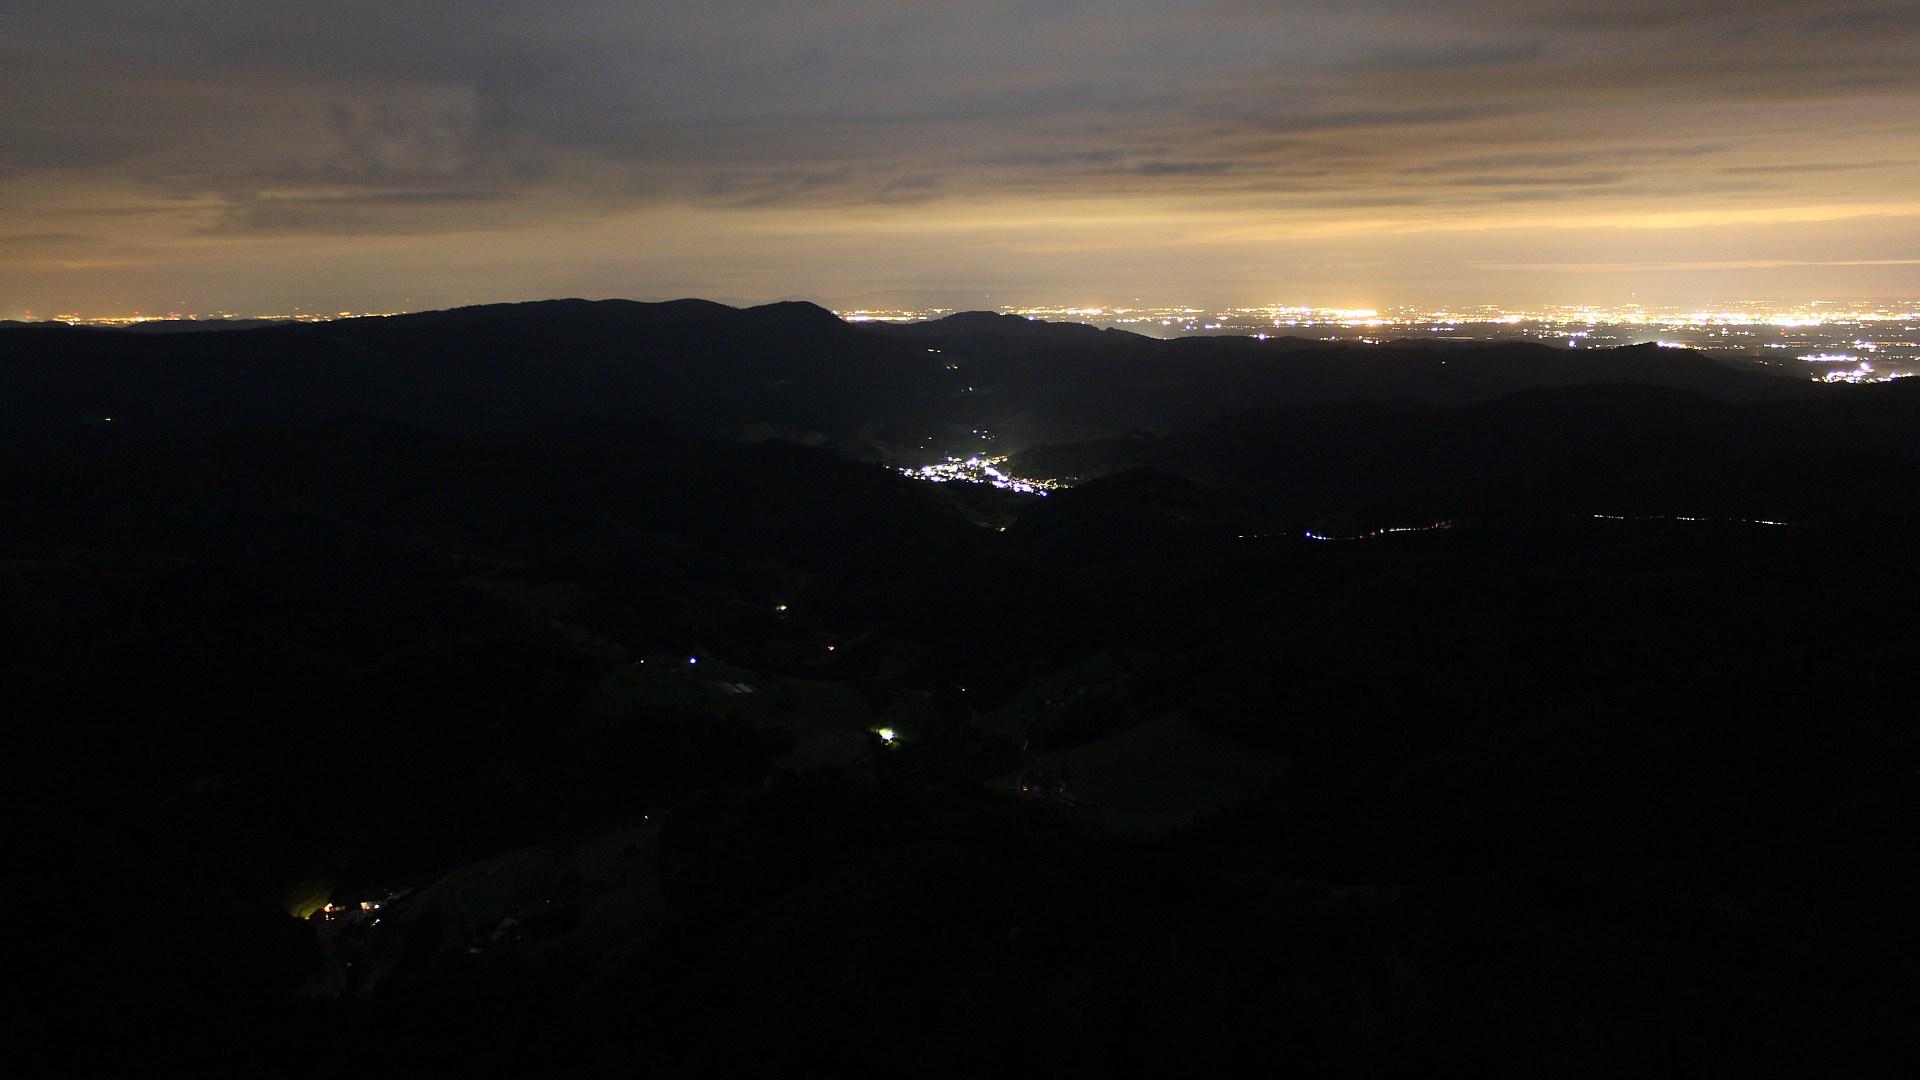 Aufnahme: Buchkopfturm vom 02.07.2020 23:20